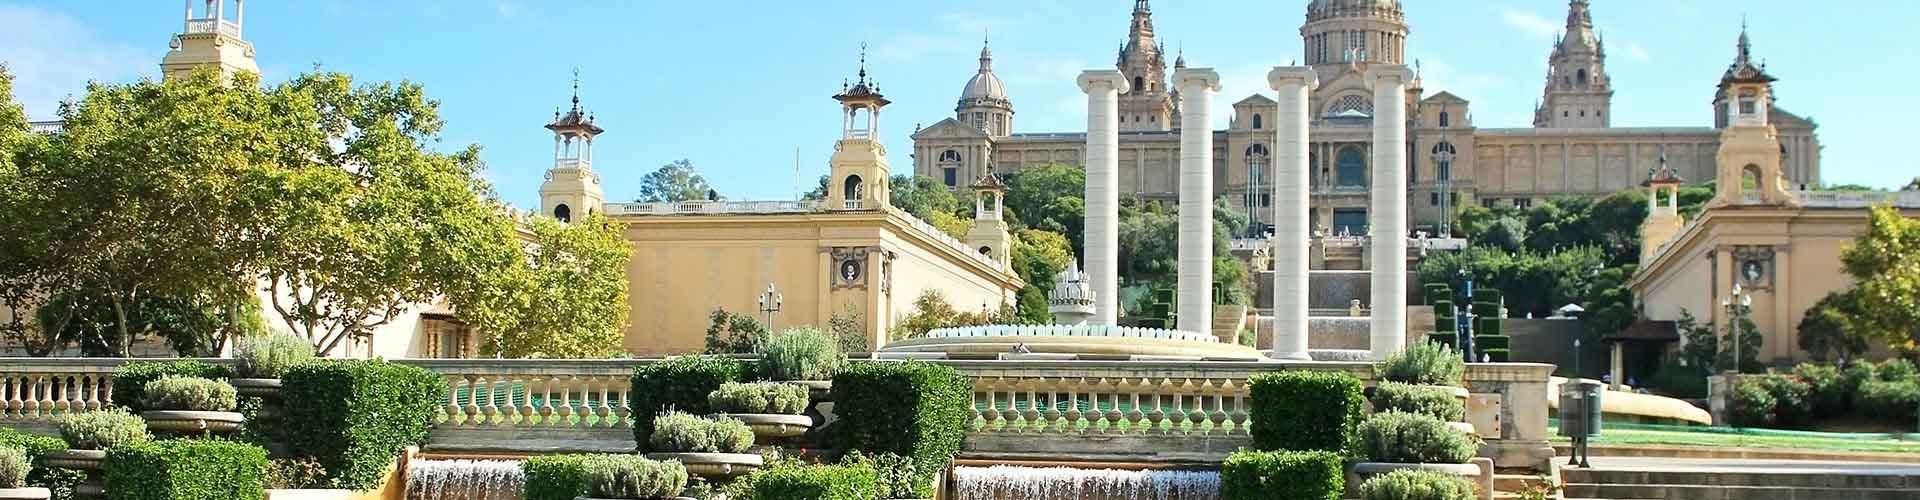 Barcelona - Hostelů v Barcelona. Mapy pro Barcelona, fotky a recenze pro každý hostel v Barcelona.